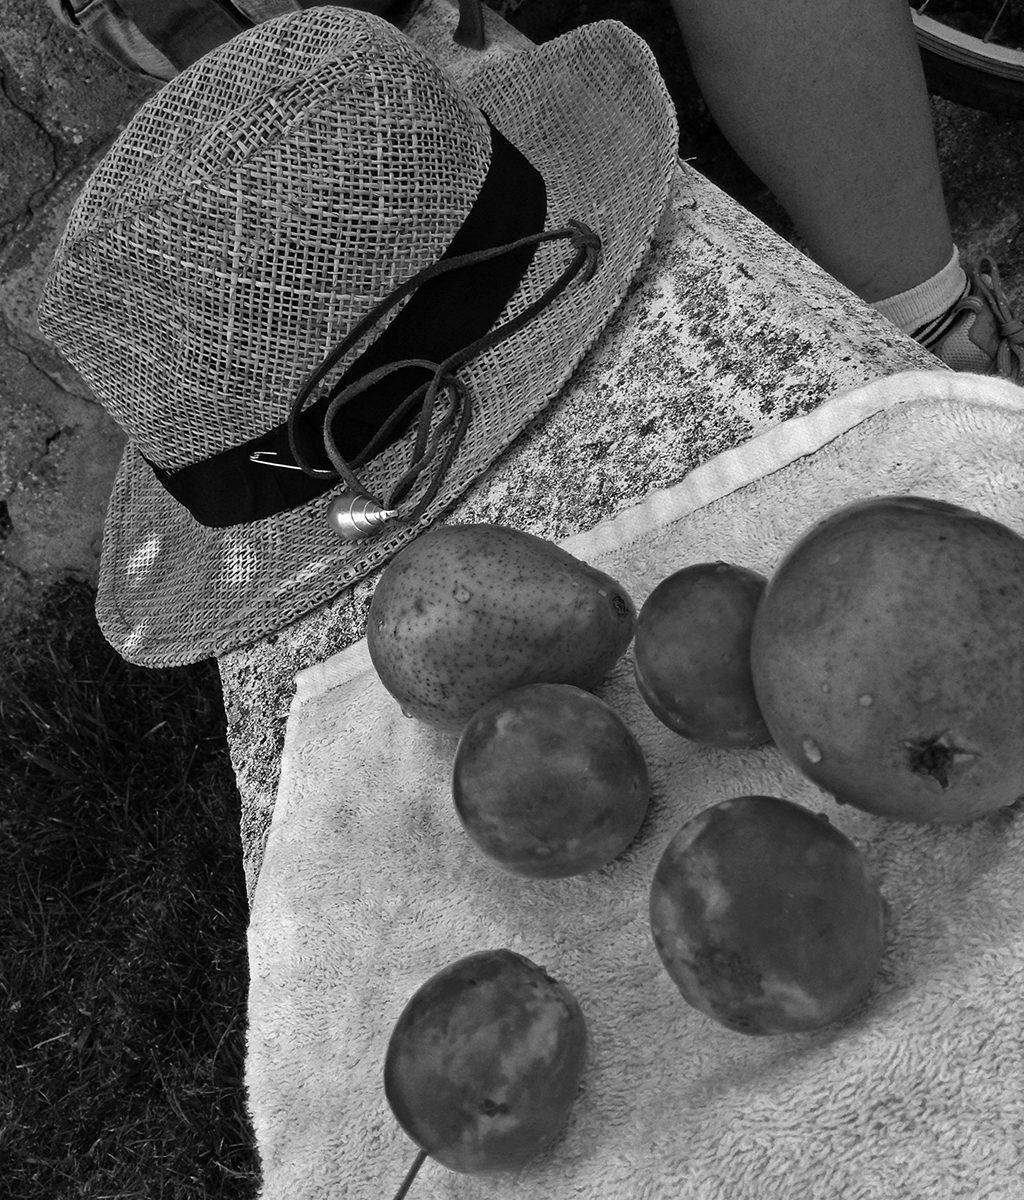 pranzo-frugale-cappello-bn